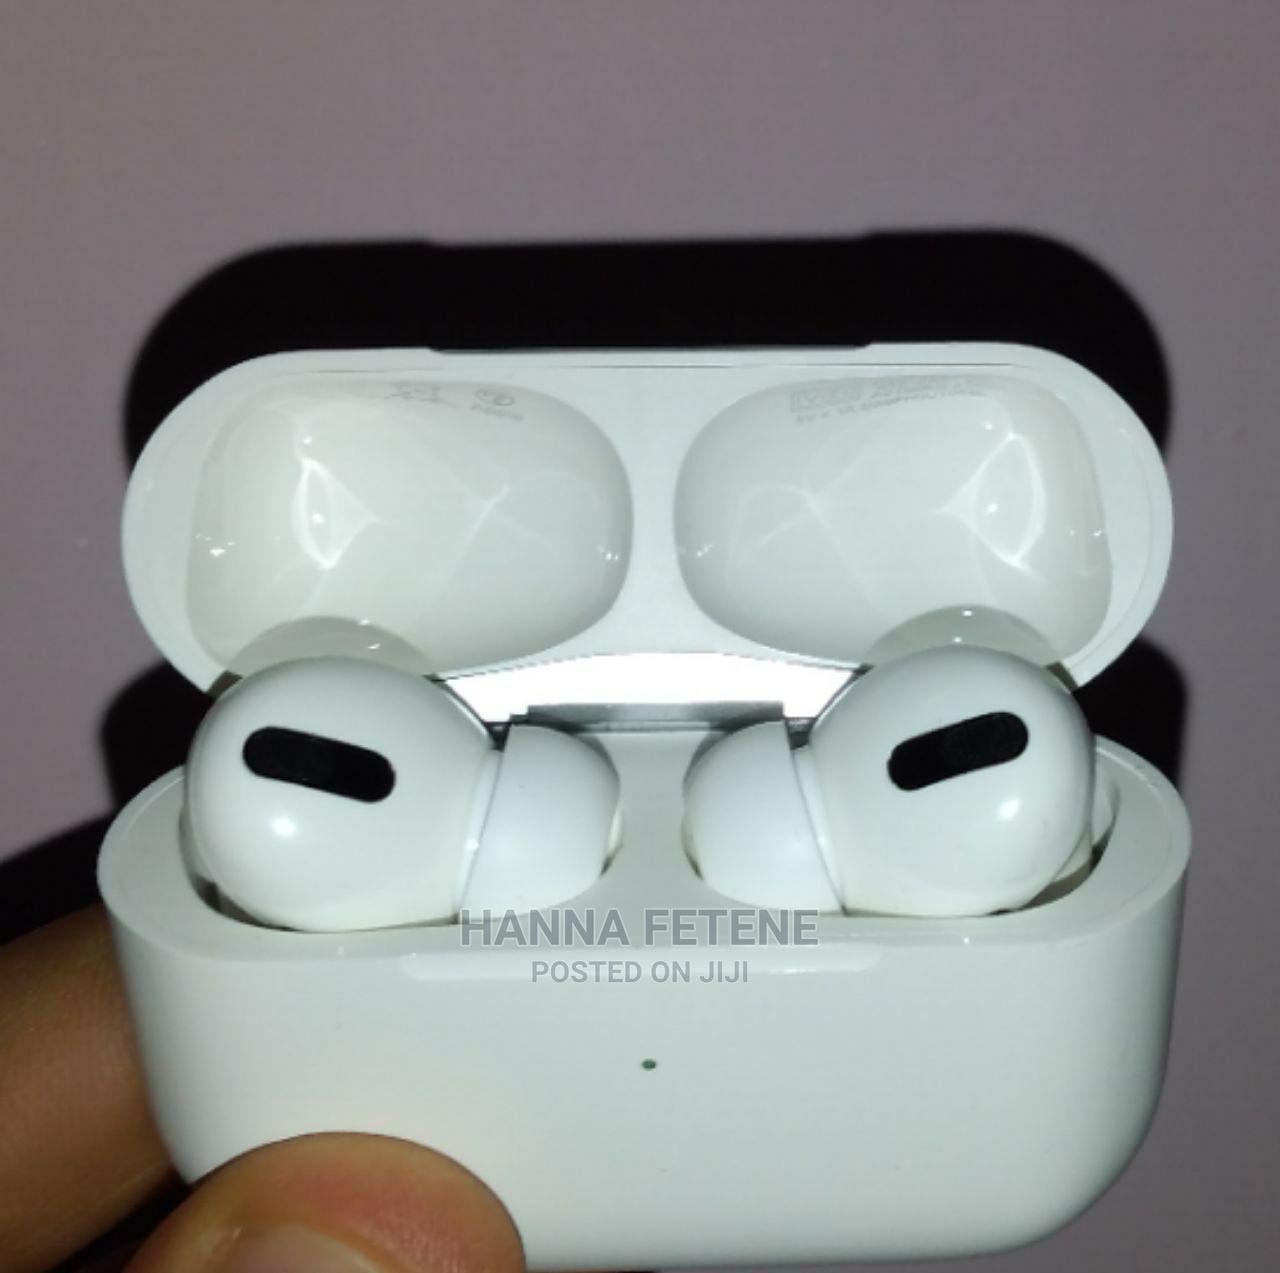 Airpod Pro | Headphones for sale in Adama, Oromia Region, Ethiopia